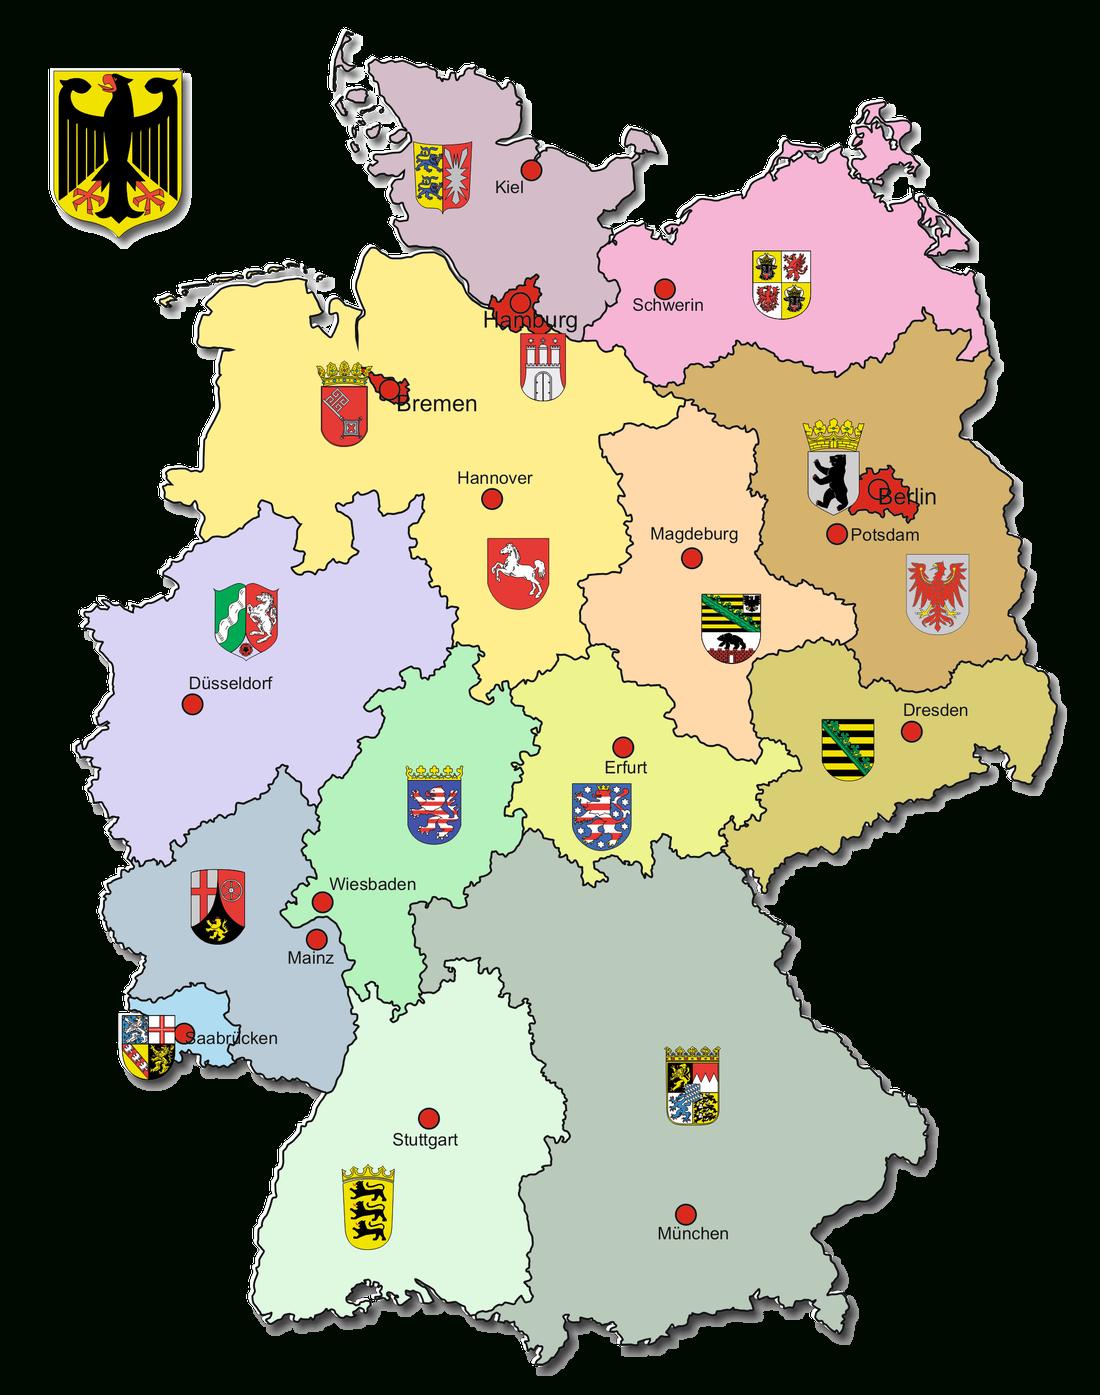 Bundesländer Und Hauptstädte - Geographie Deutschlands über Bundesländer Deutschland Mit Hauptstädten Karte